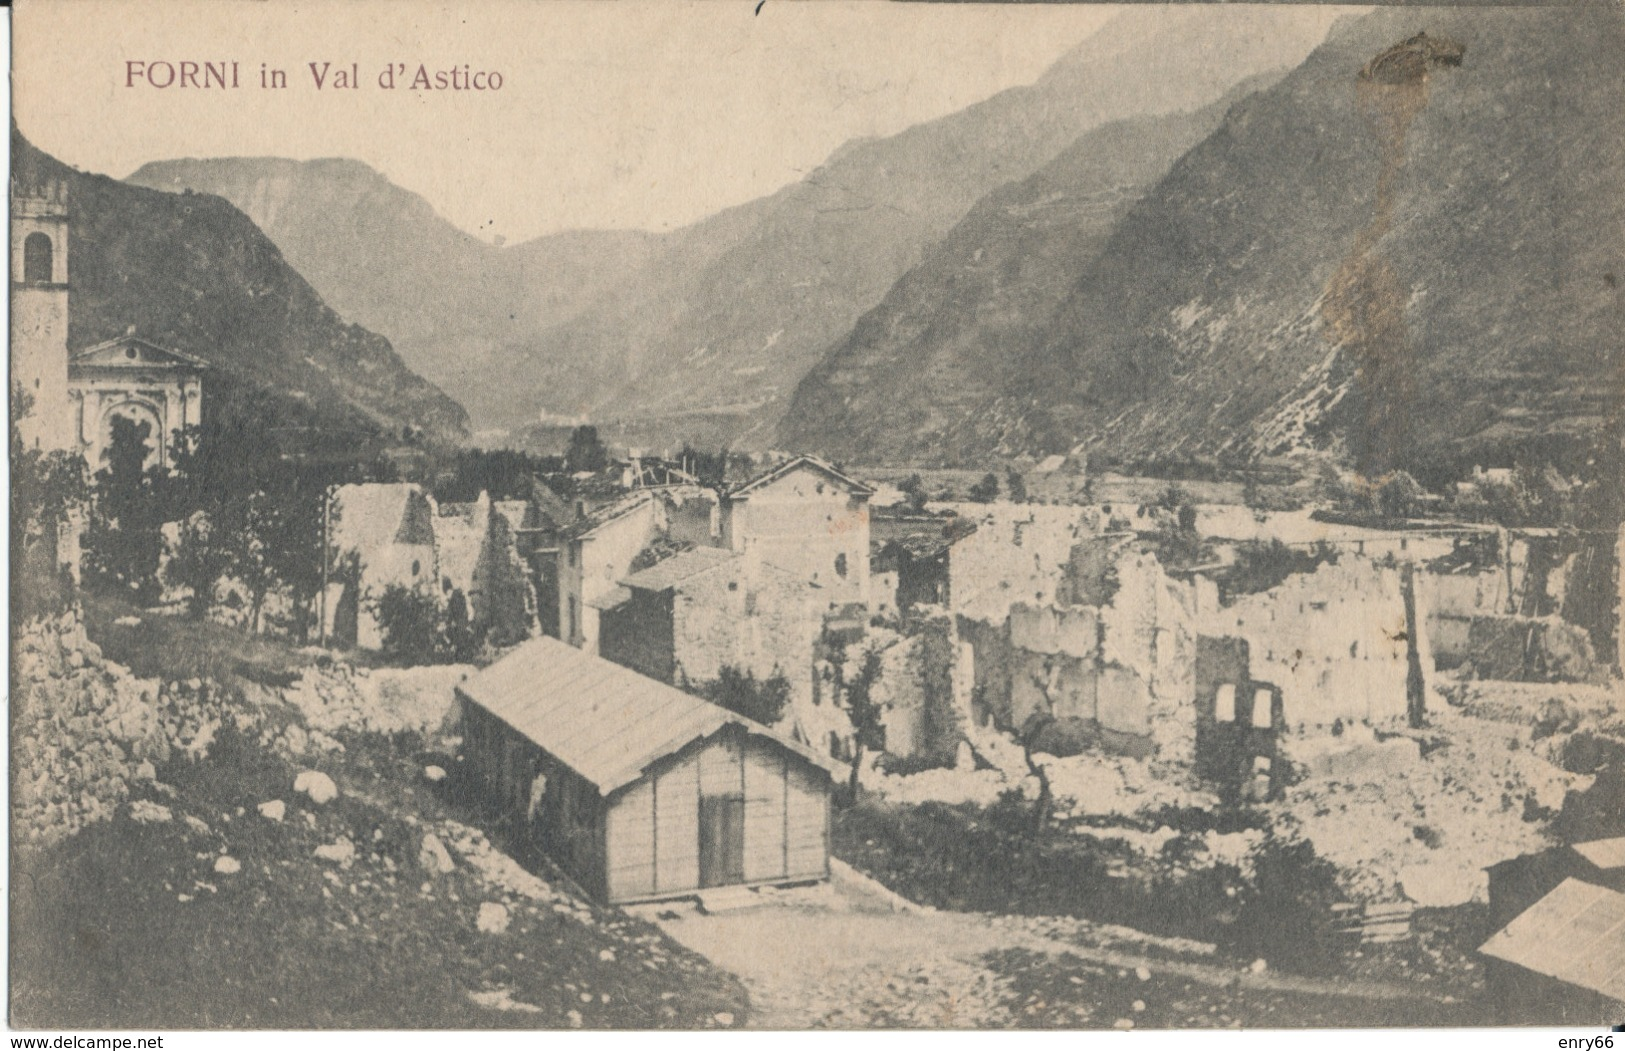 VICENZA-FORNI IN VAL D'ASTICO - Vicenza